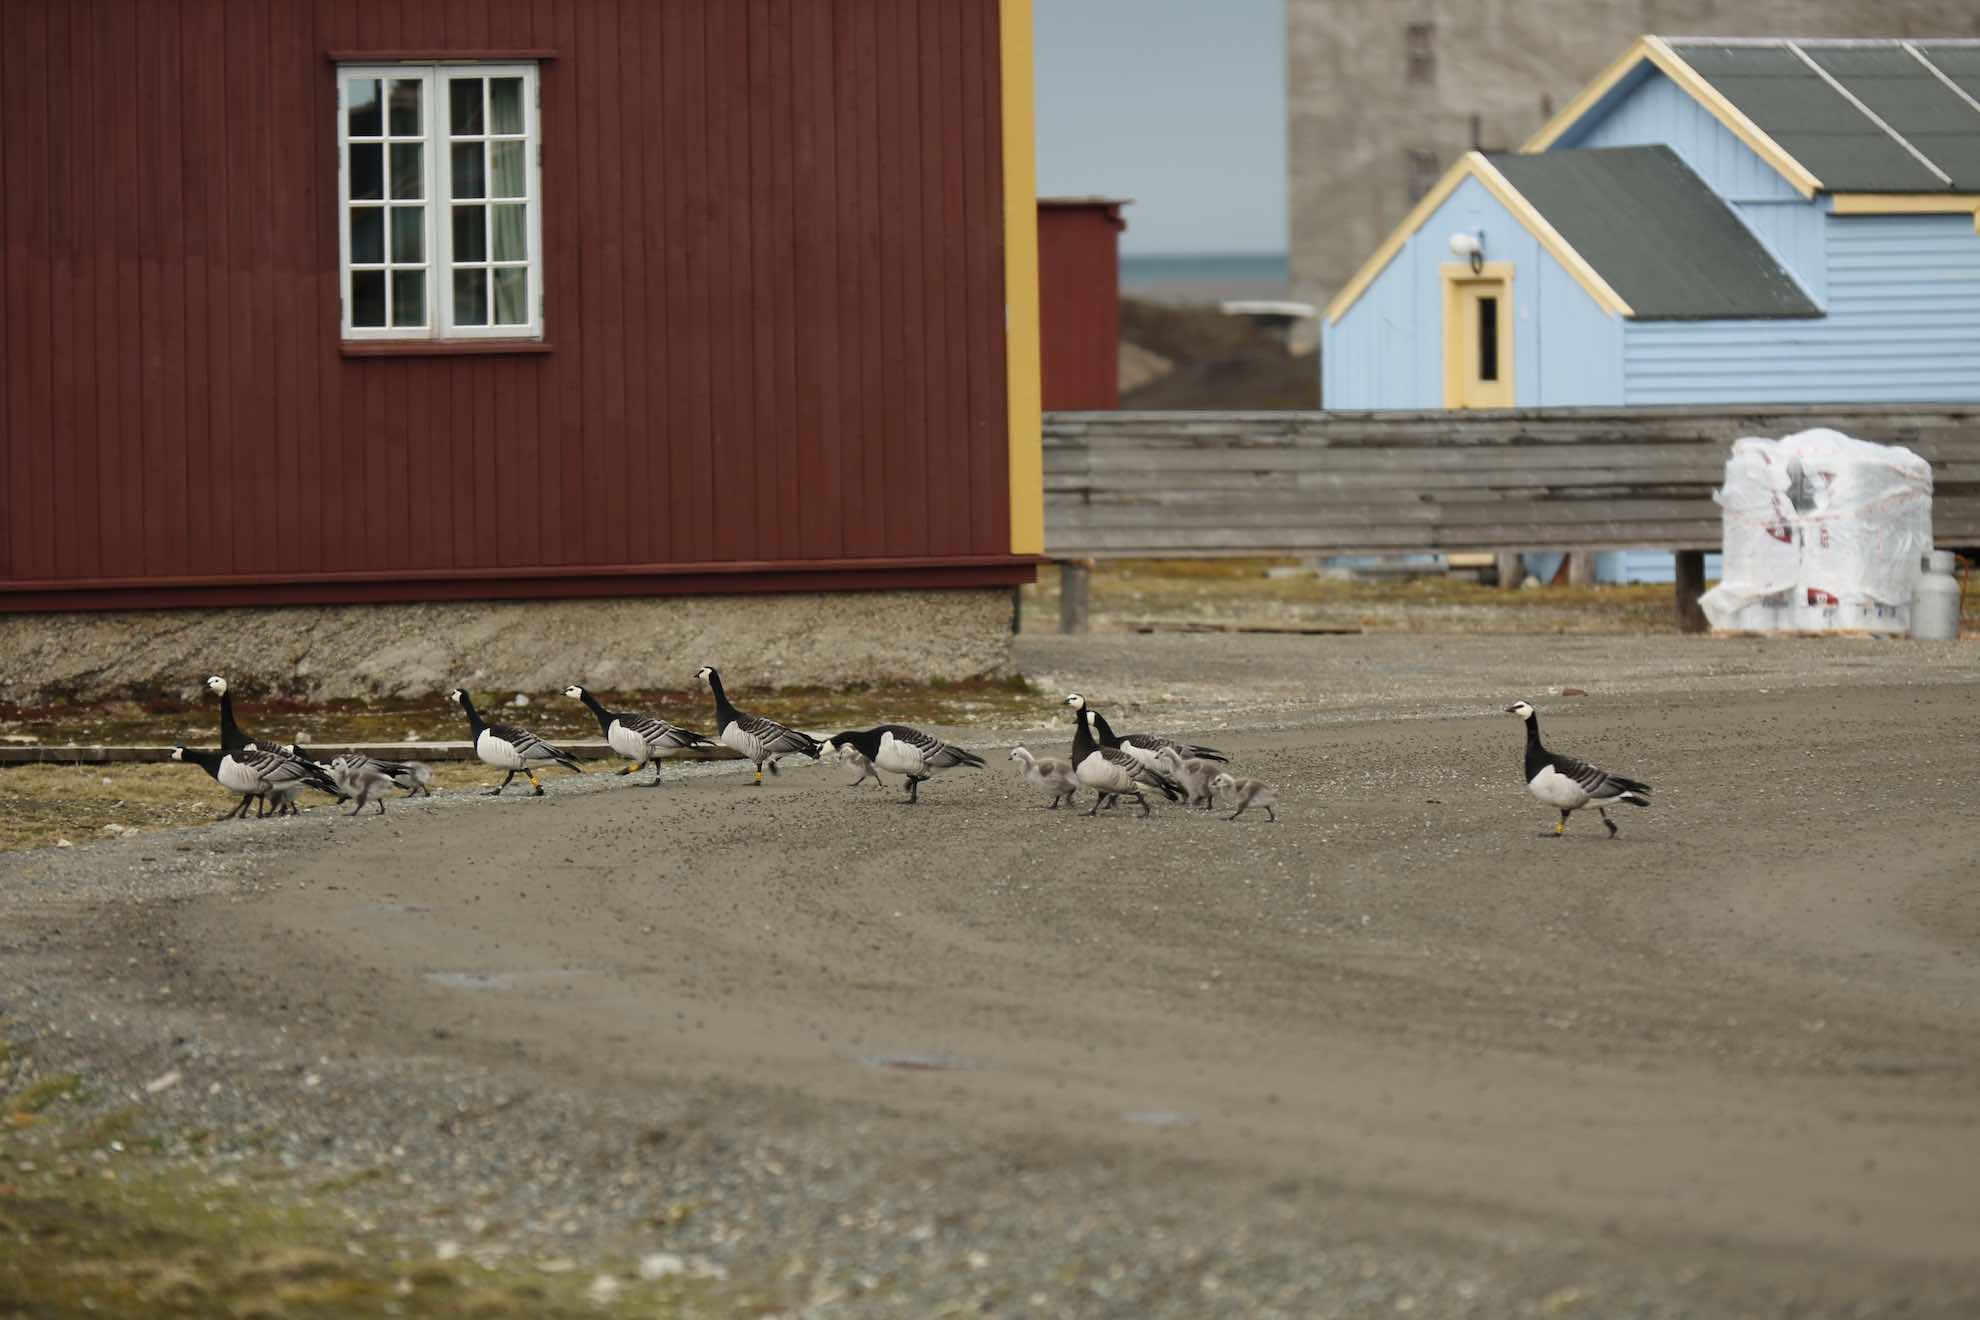 Einst wurde Ny-Ålesund als Steinkohle-Bergbausiedlung gegründet.